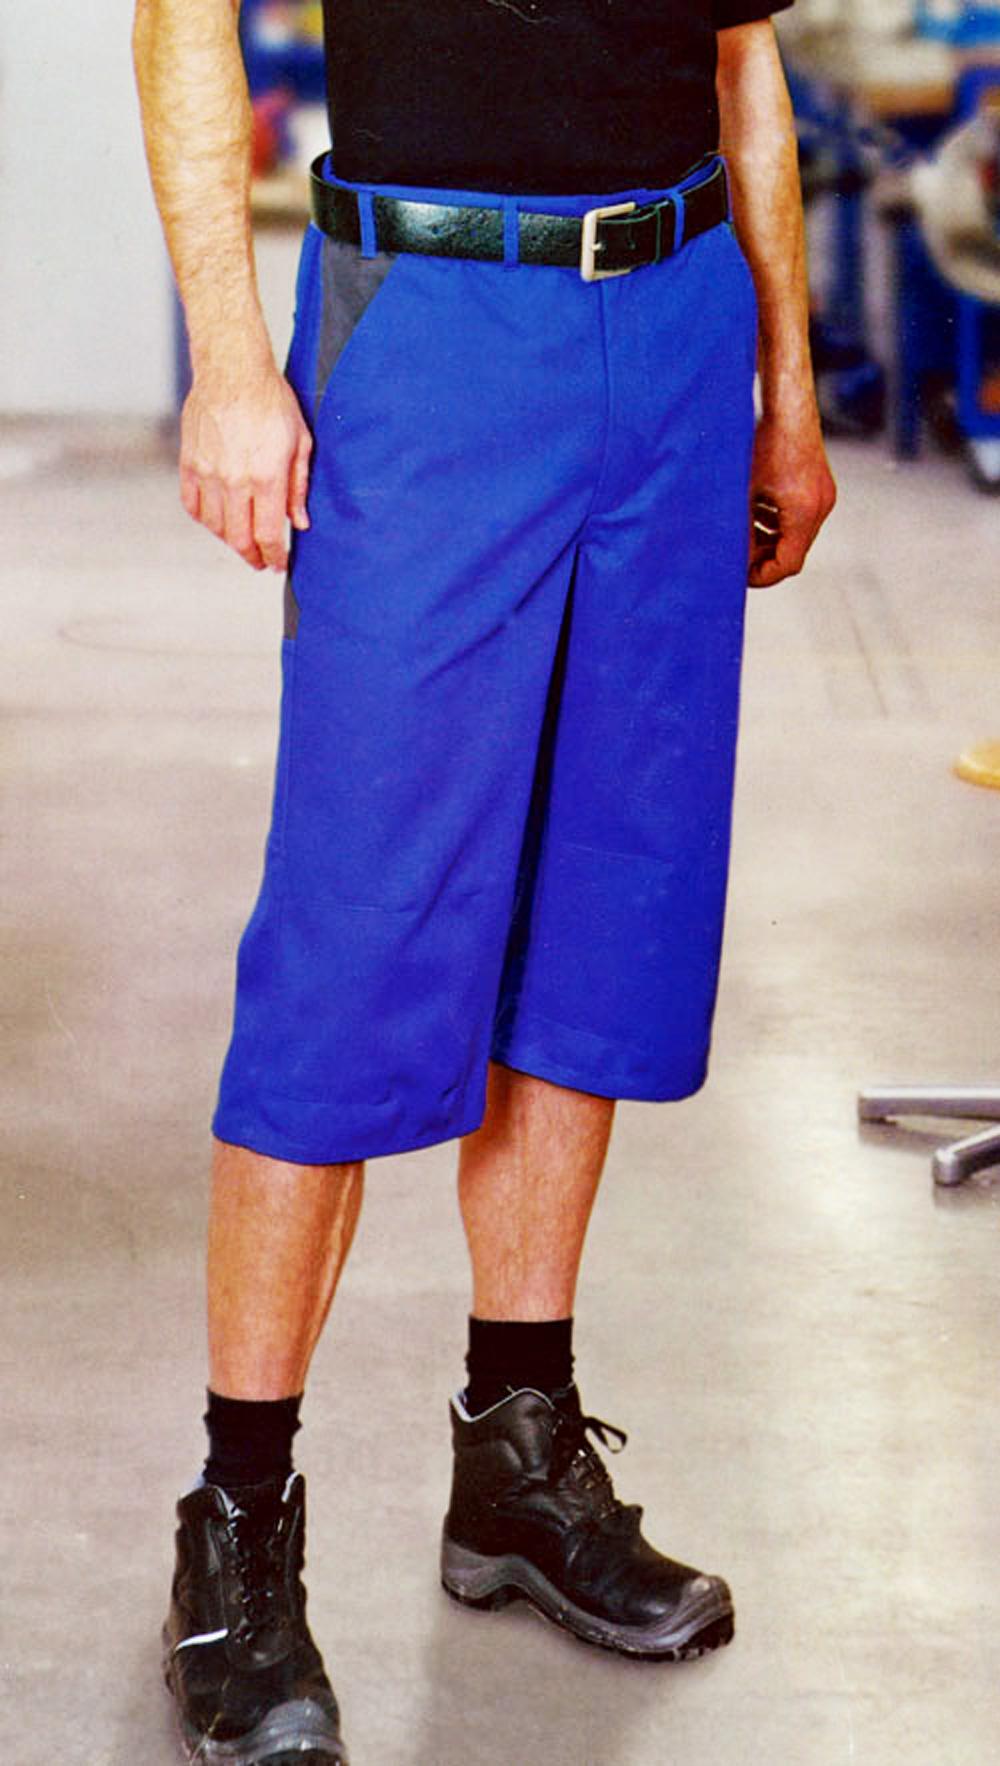 Arbeitsshorts-Herren-Gr-48-56-3-Farben-Auswahl-Shorts-Sommershorts-LANG-KURZ